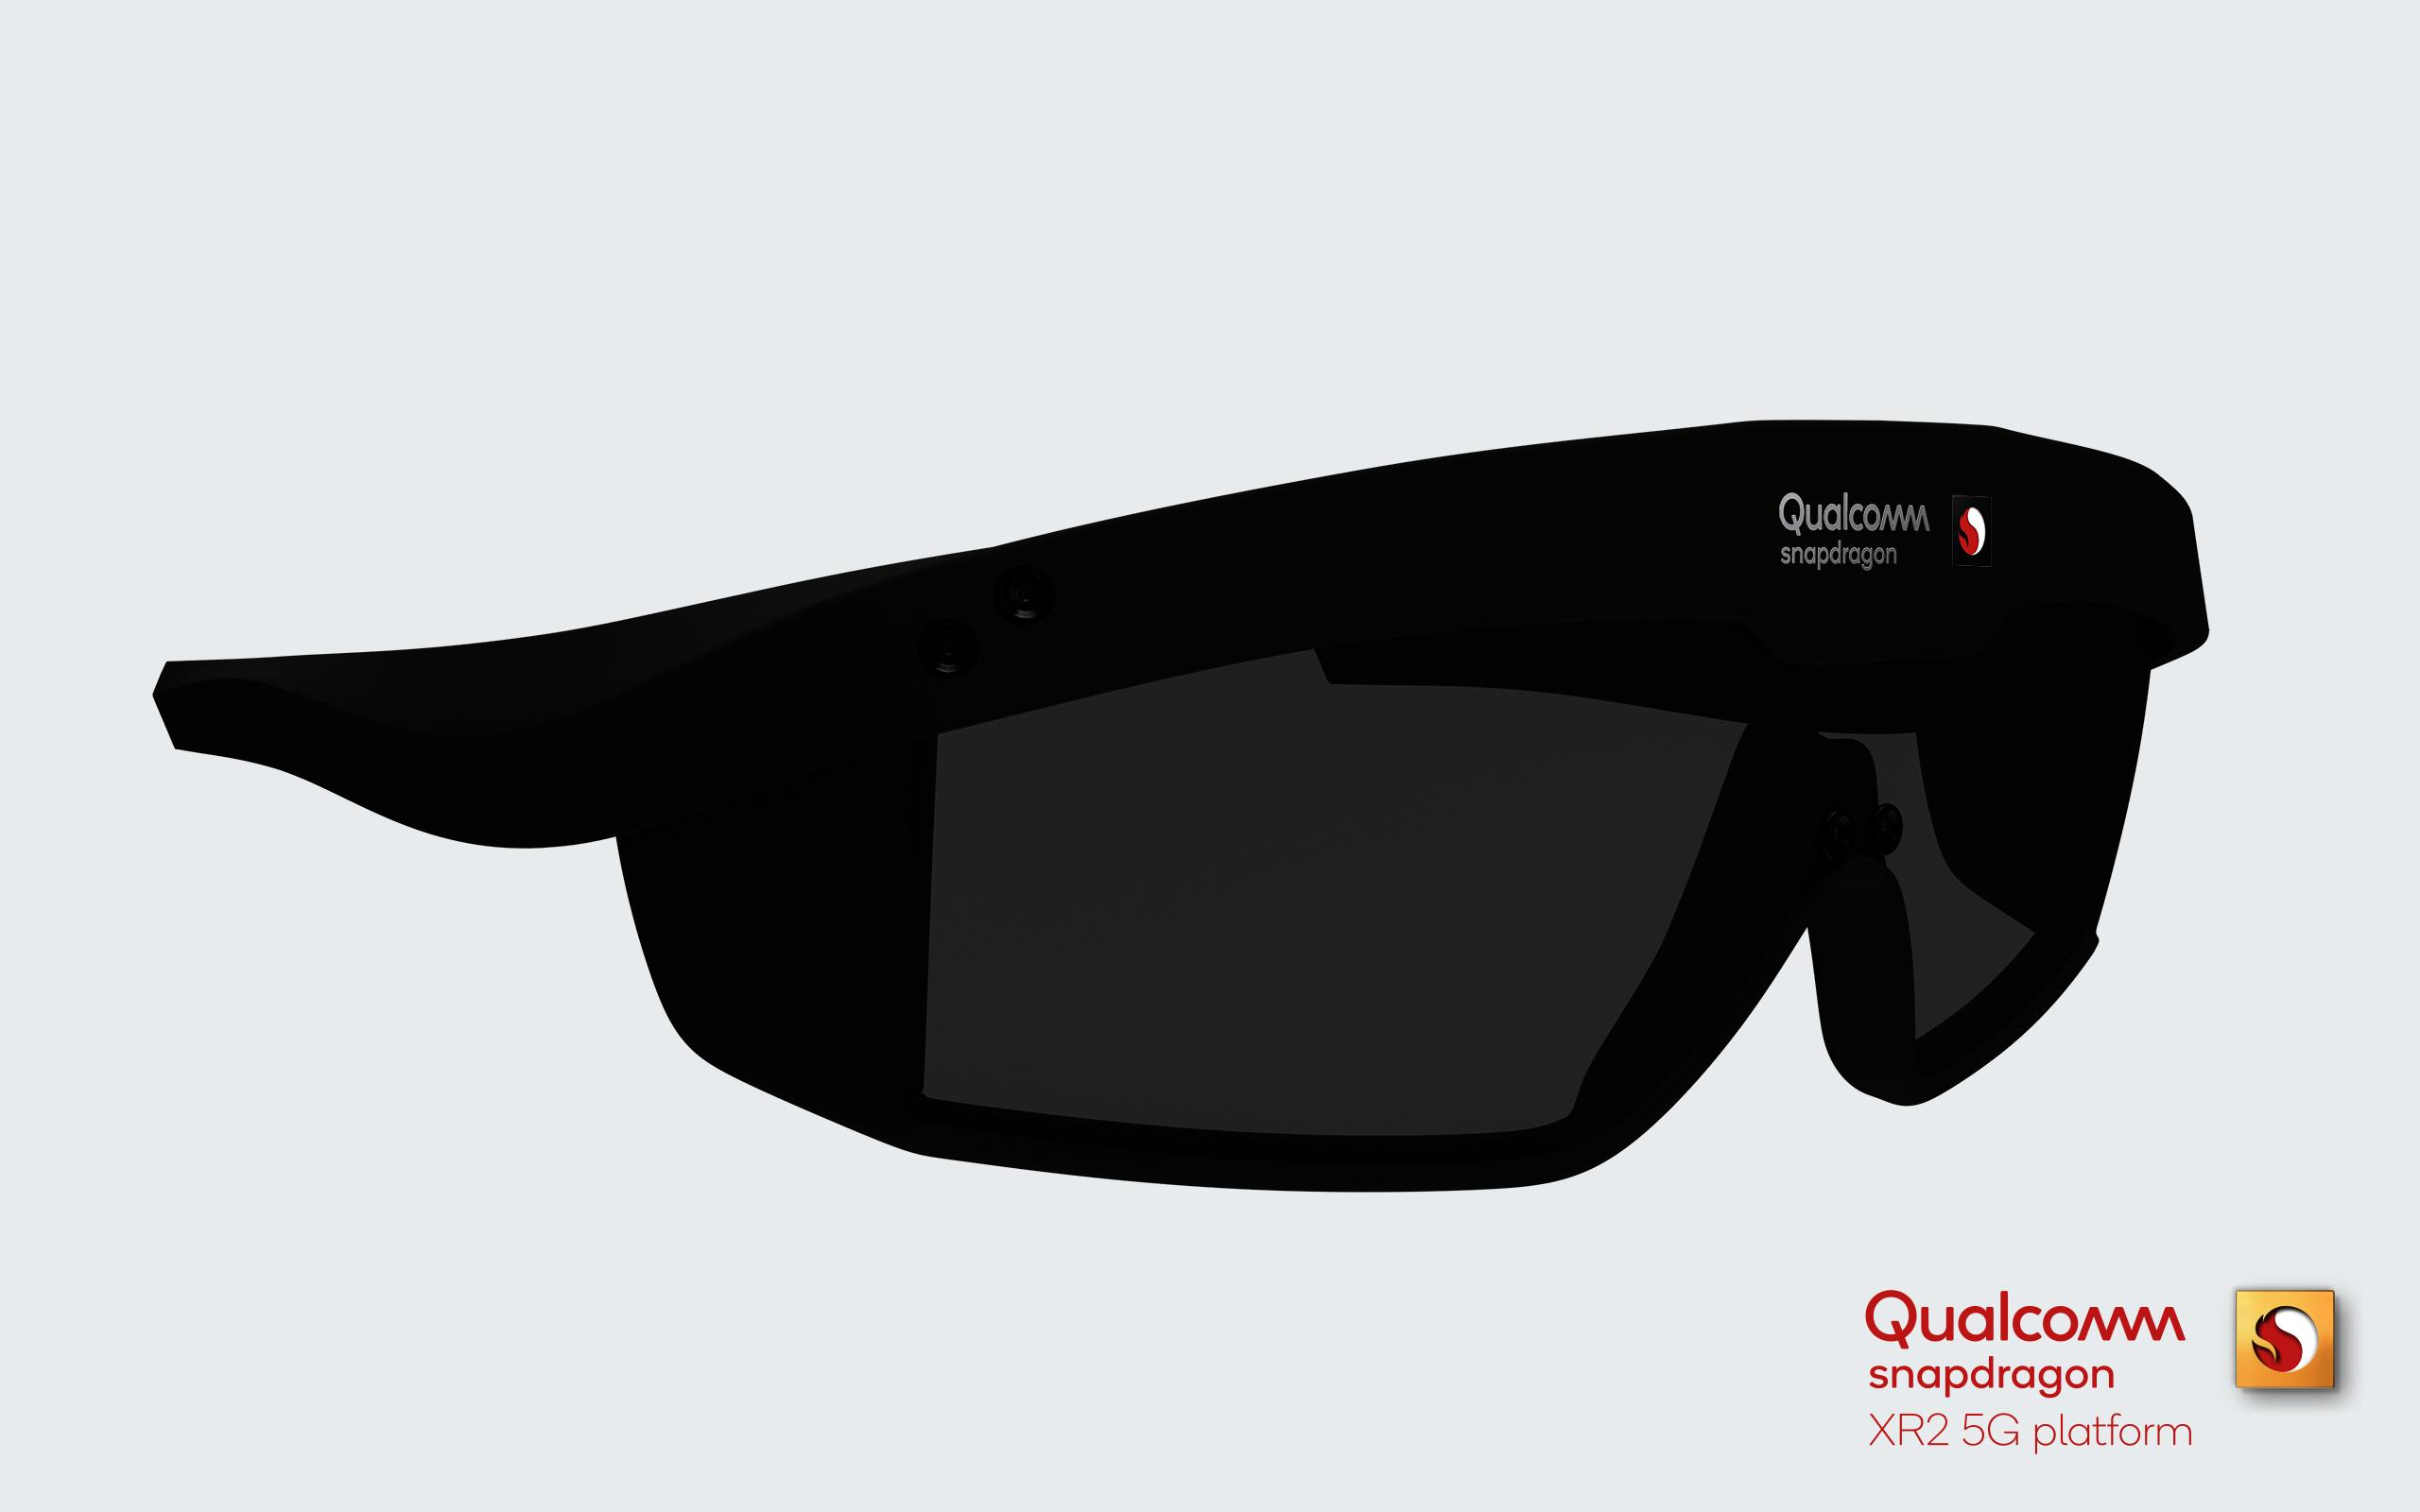 snapdragon_xr2_5g_platform_concept_glasses